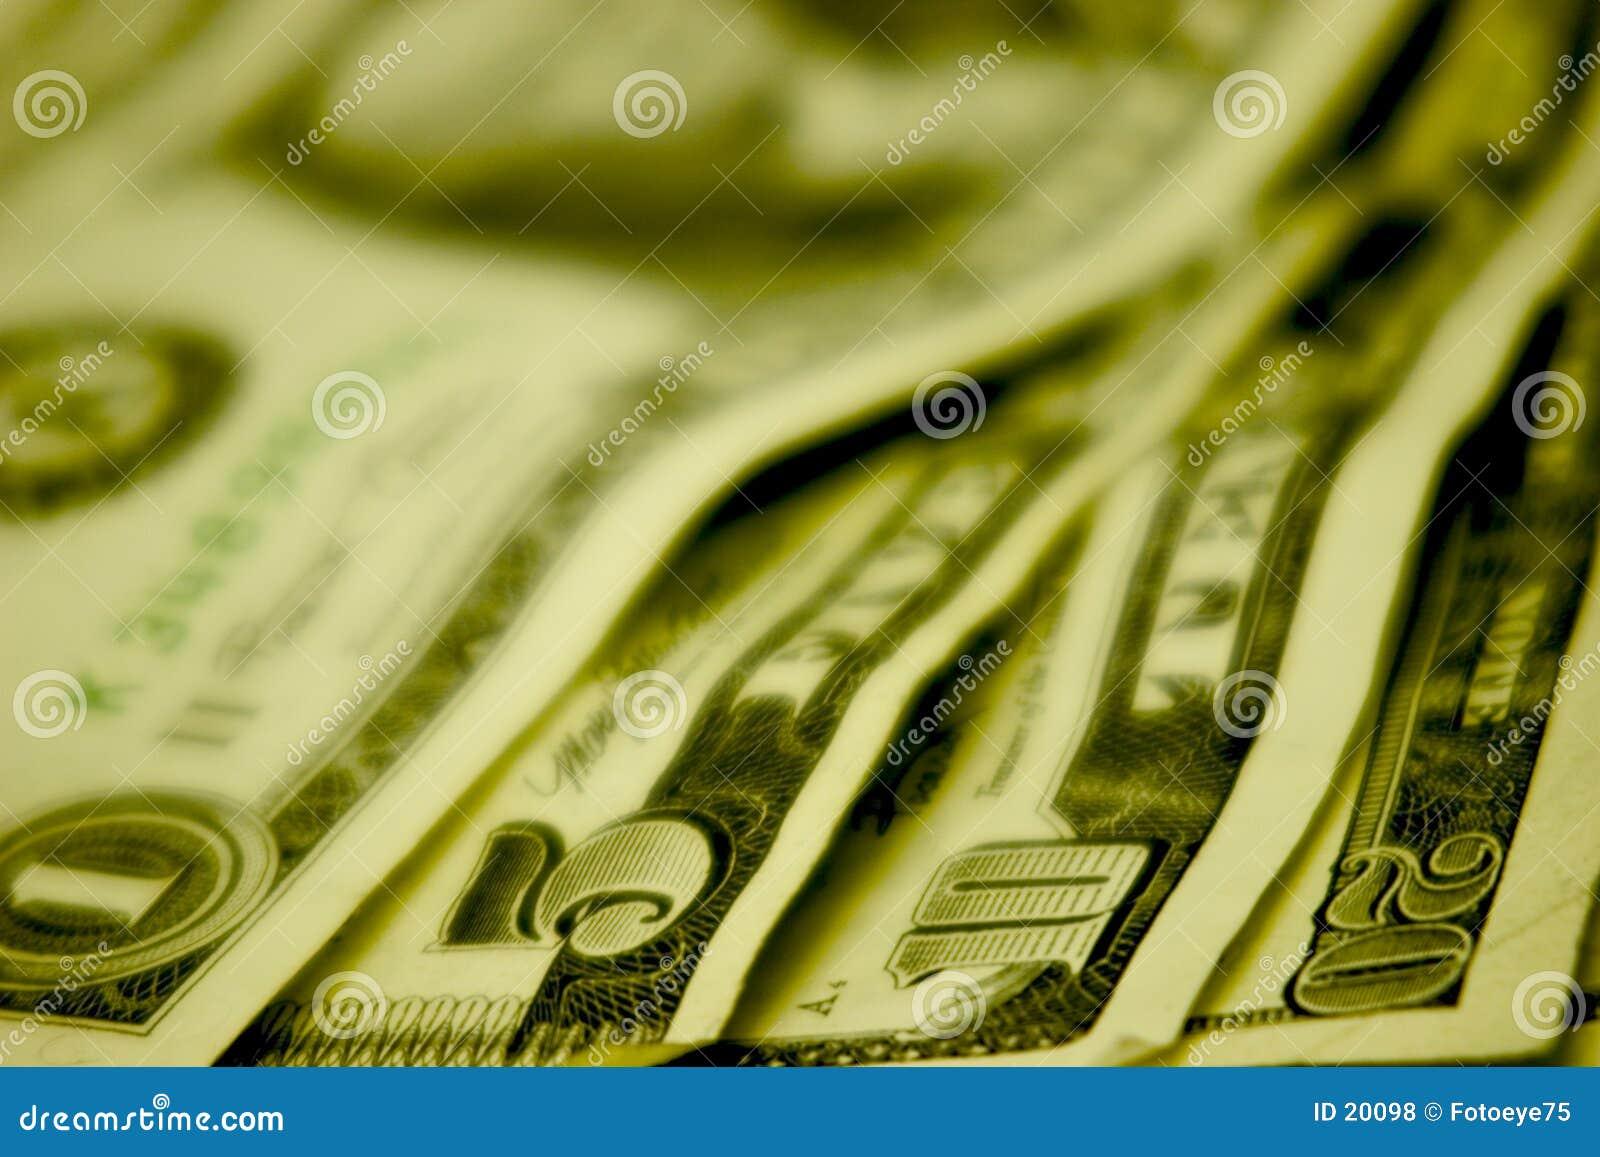 Bargeld auf der Tabelle